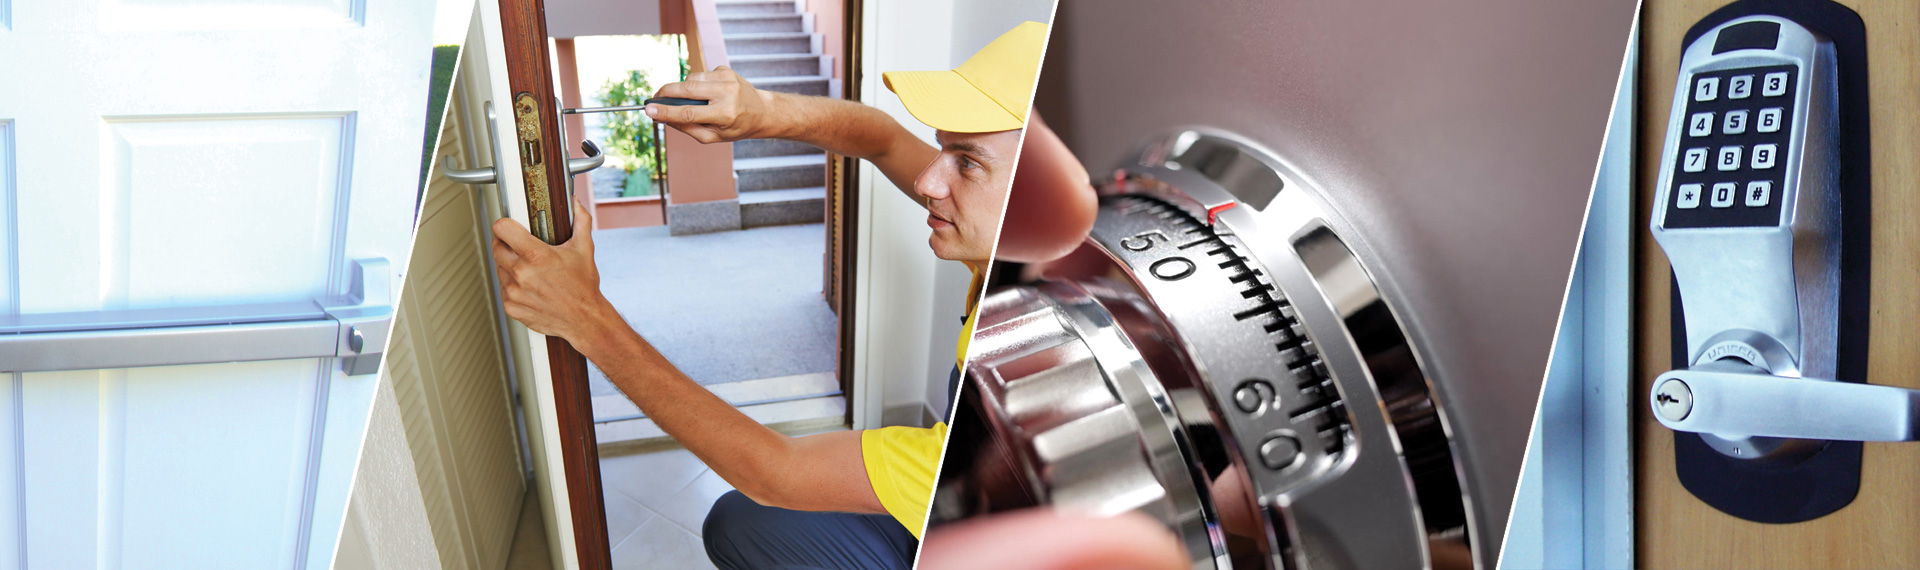 Multisystems Locksmith Brampton Ontario